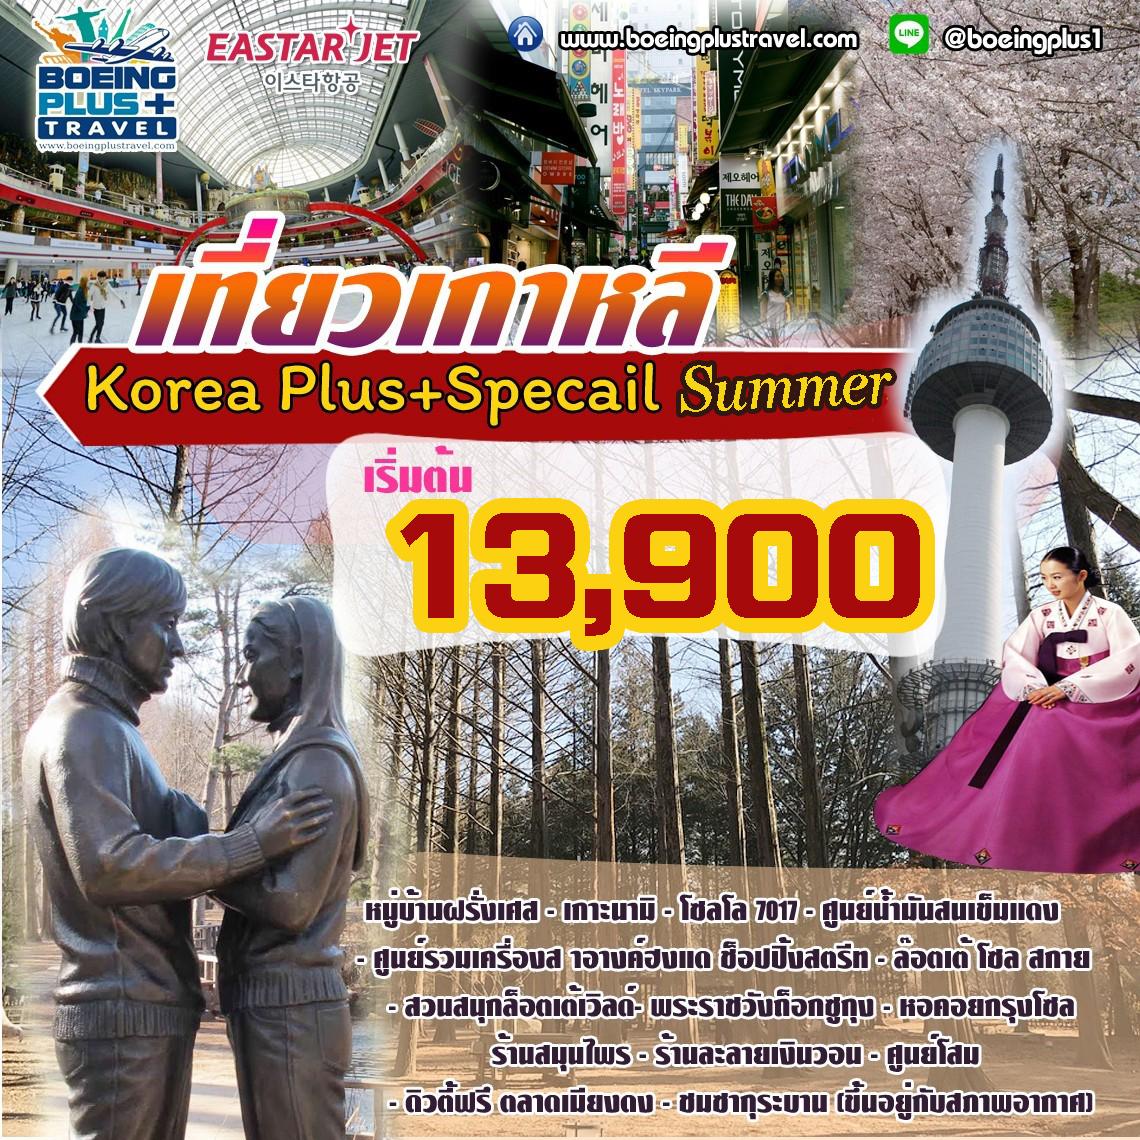 KOREA PLUS + SPECIAL SUMMER